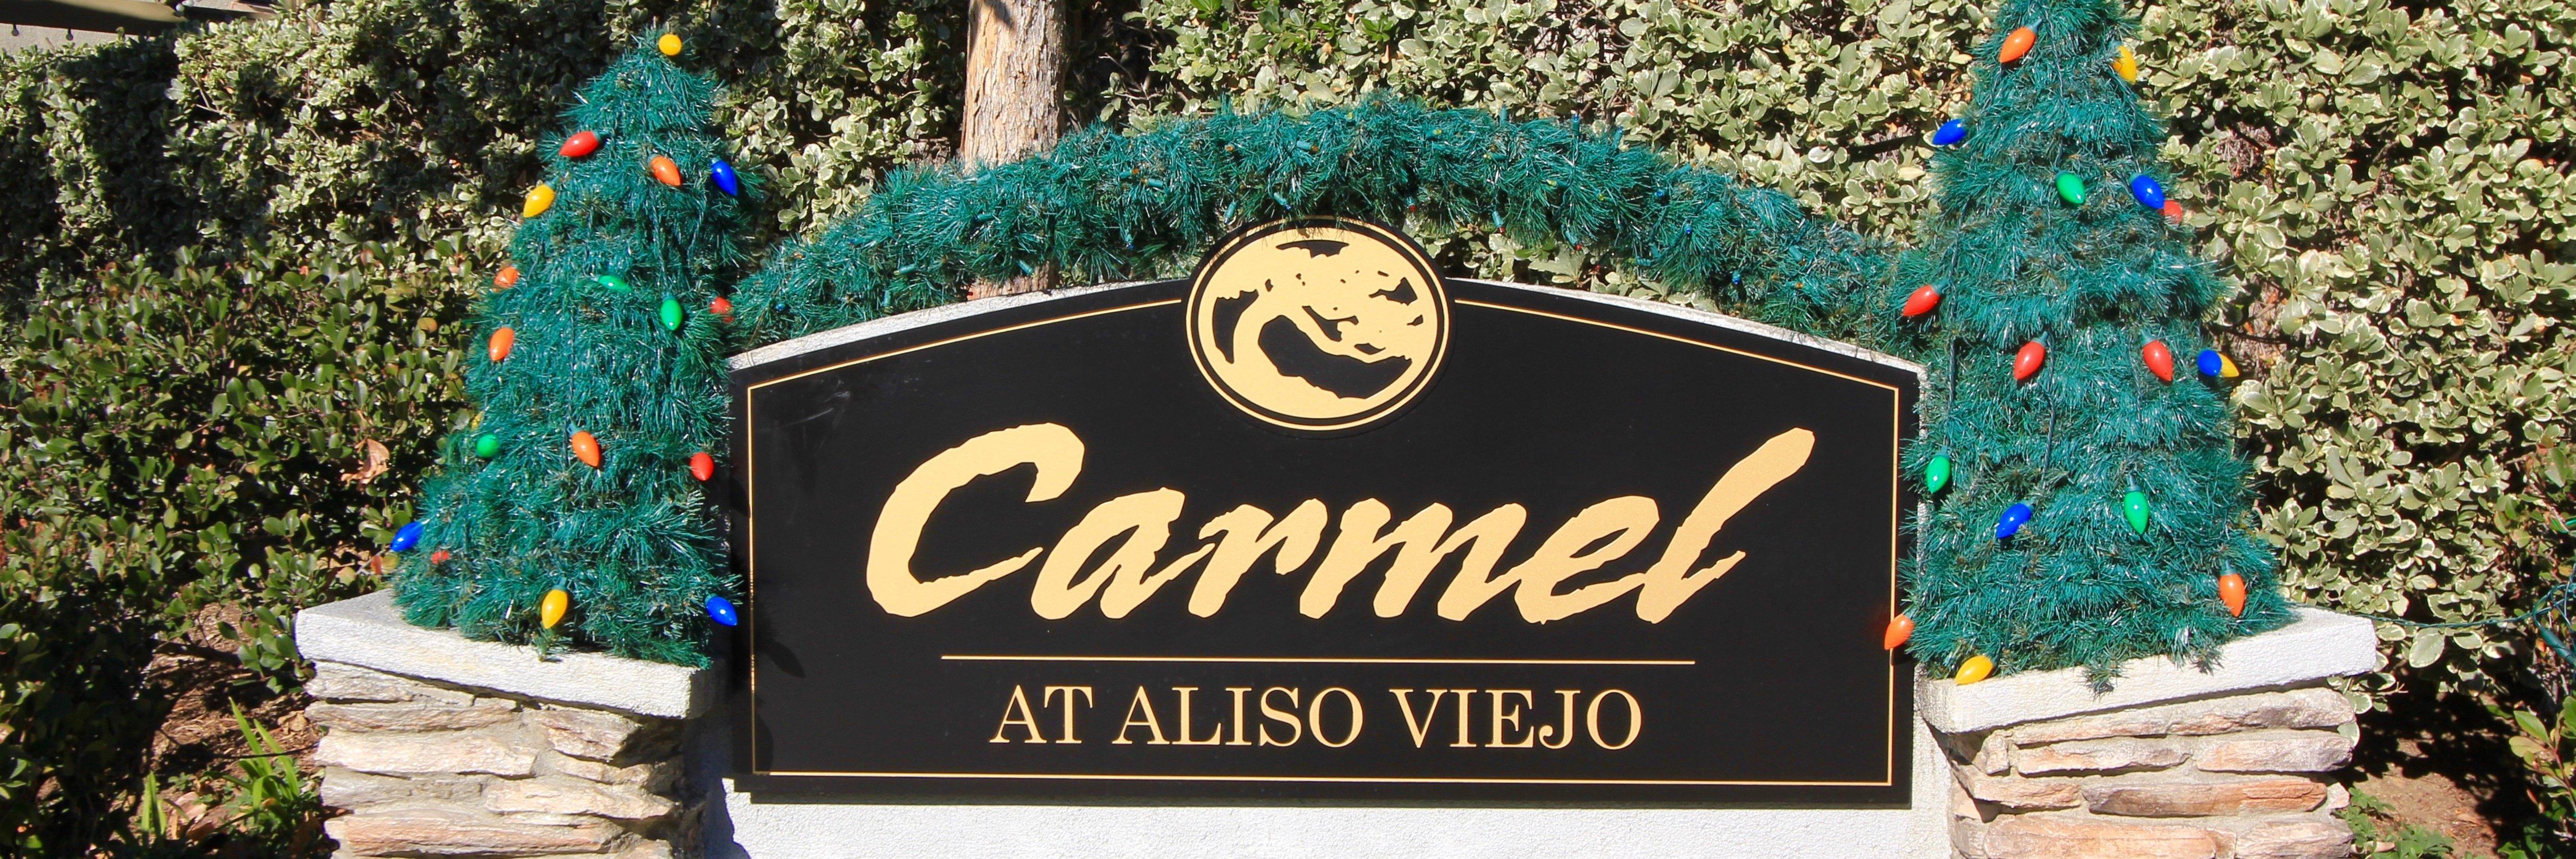 Carmel Community Marquee in Aliso Viejo Ca